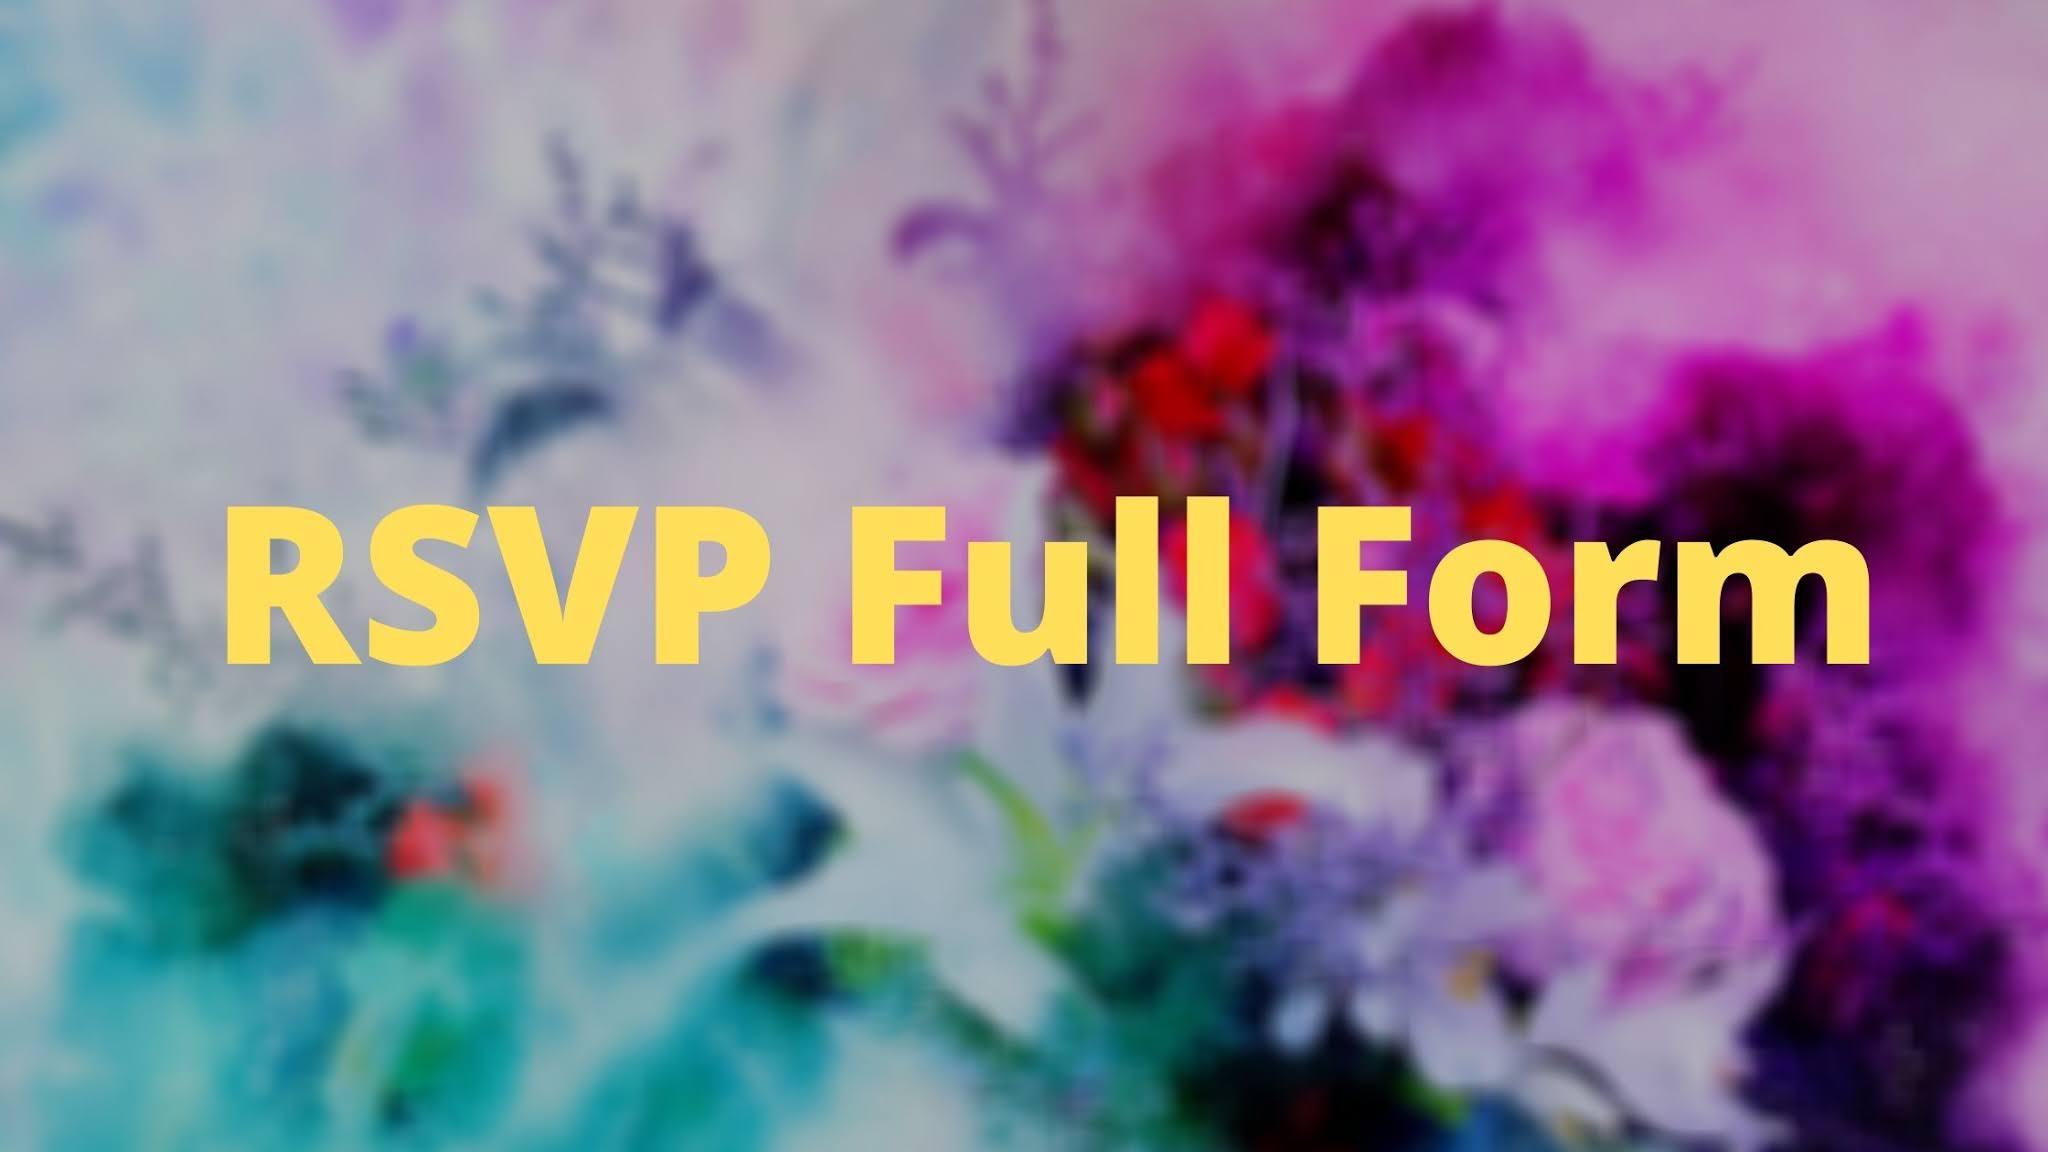 RSVP Full Form